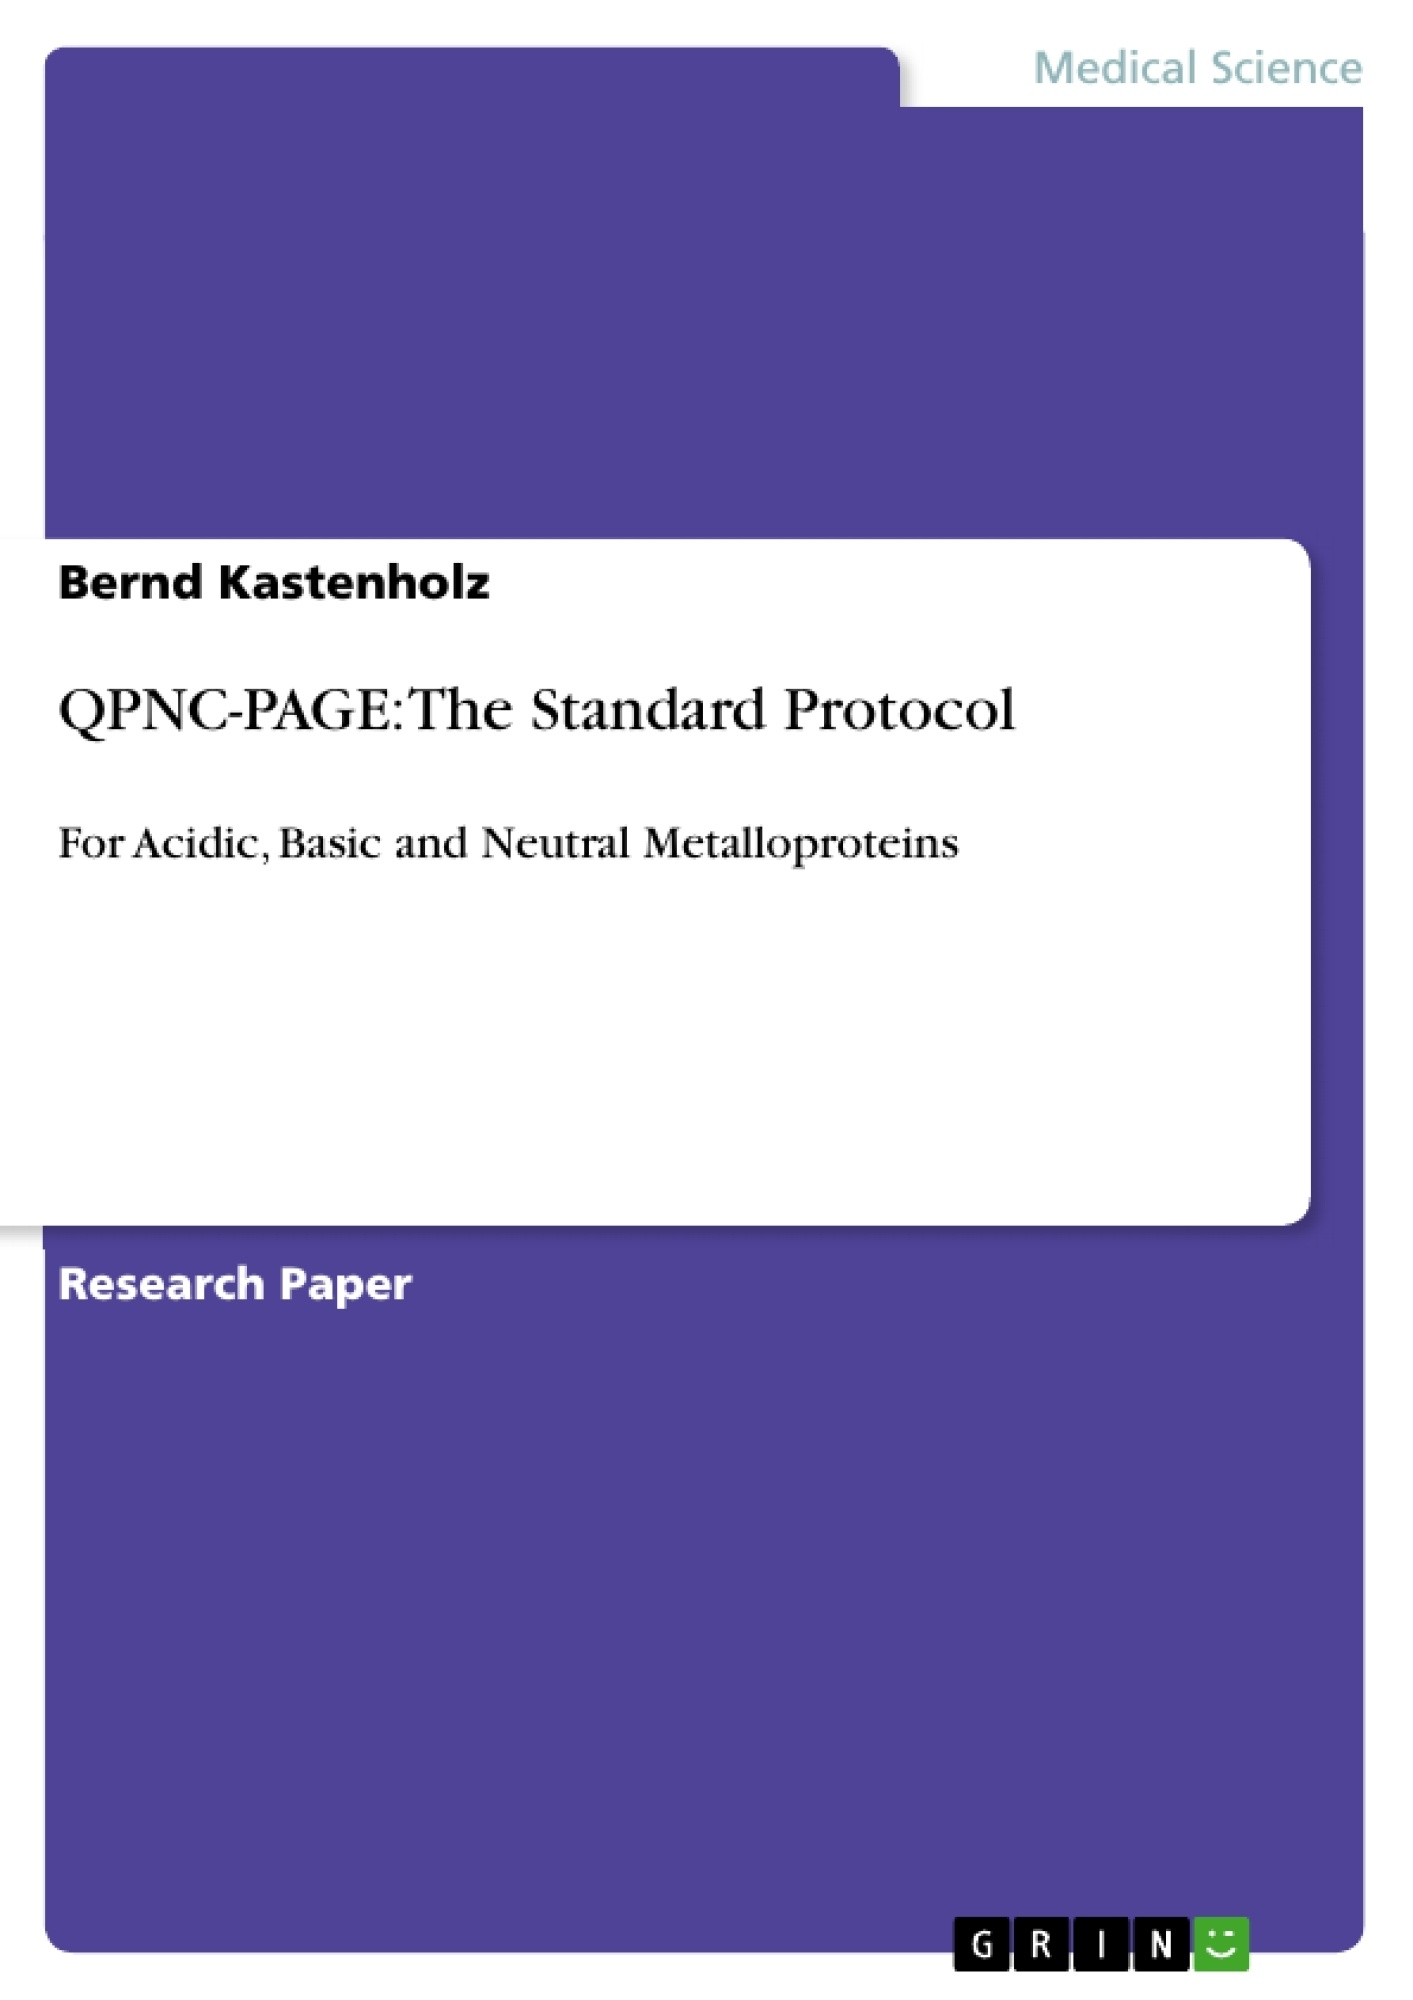 qpnc-page thesis